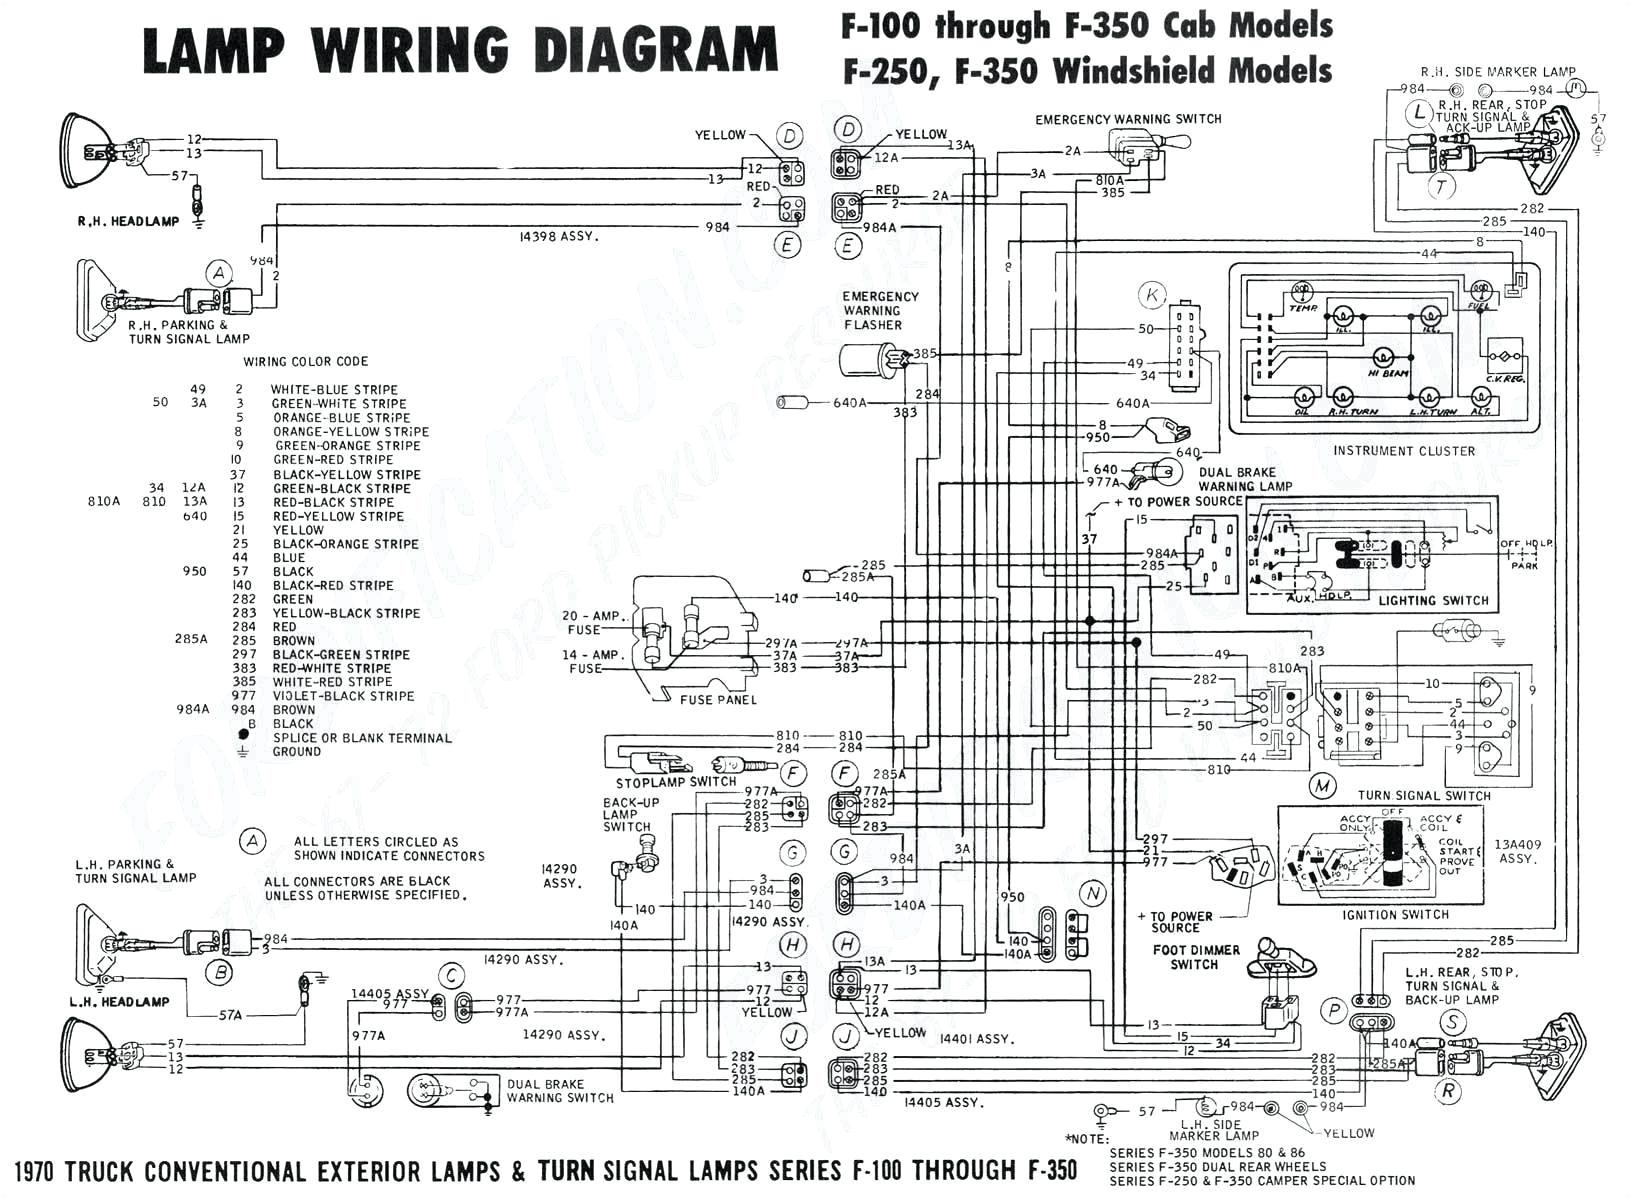 civic wagon wiring diagram wiring diagram name 1991 honda civic wagon wiring diagram